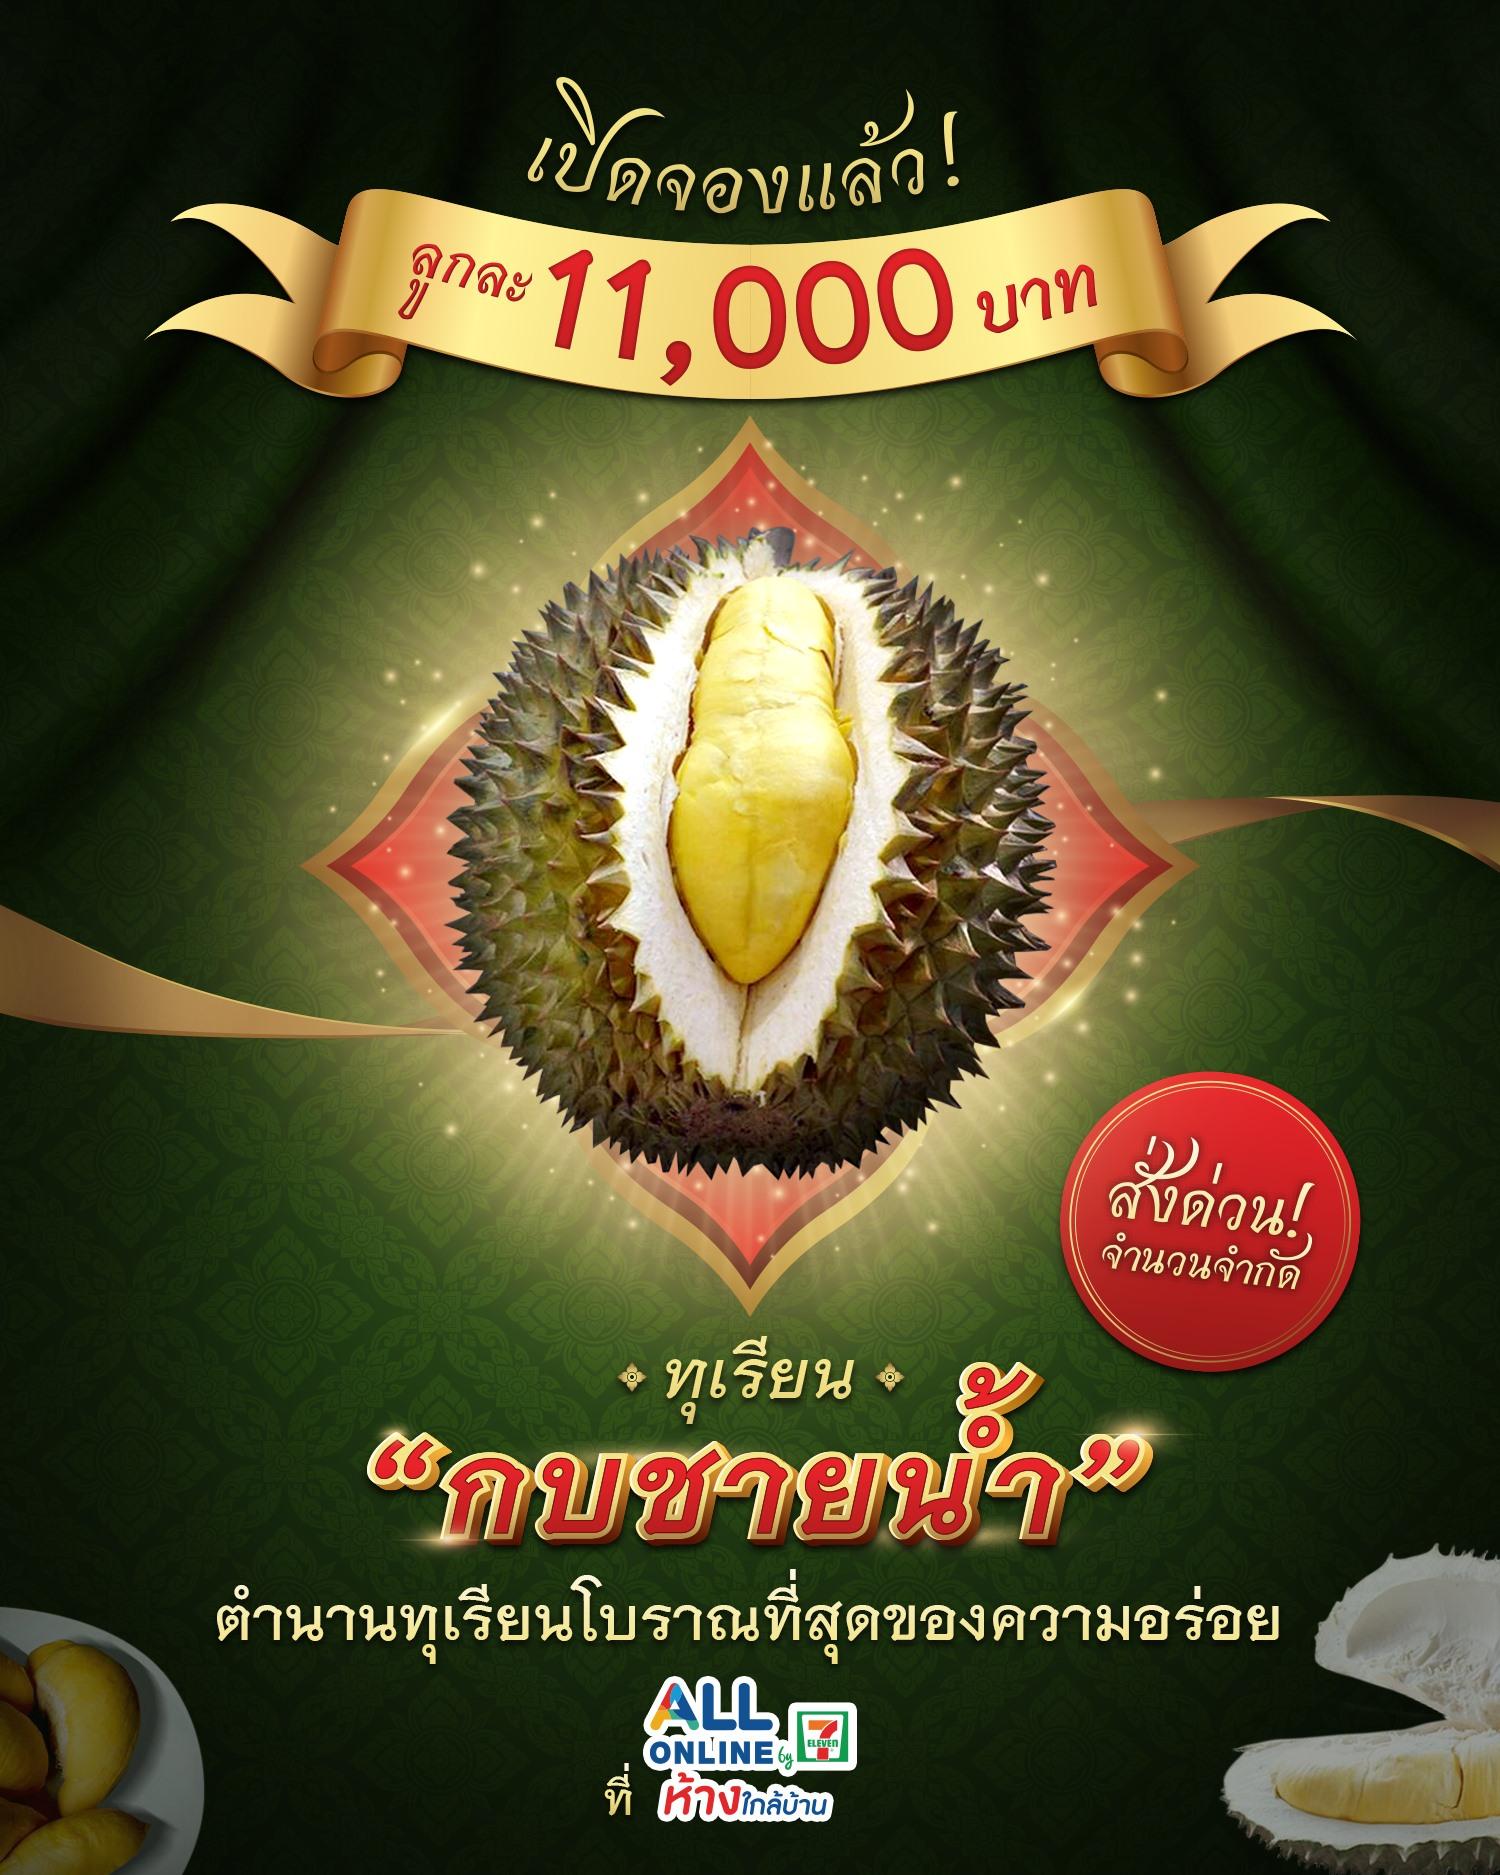 สั่งจองทุเรียนกบชายน้ำลูกละ 11,000 ได้ที่เซเว่นฯ (ภาพจากเพจ 7-Eleven Thailand)